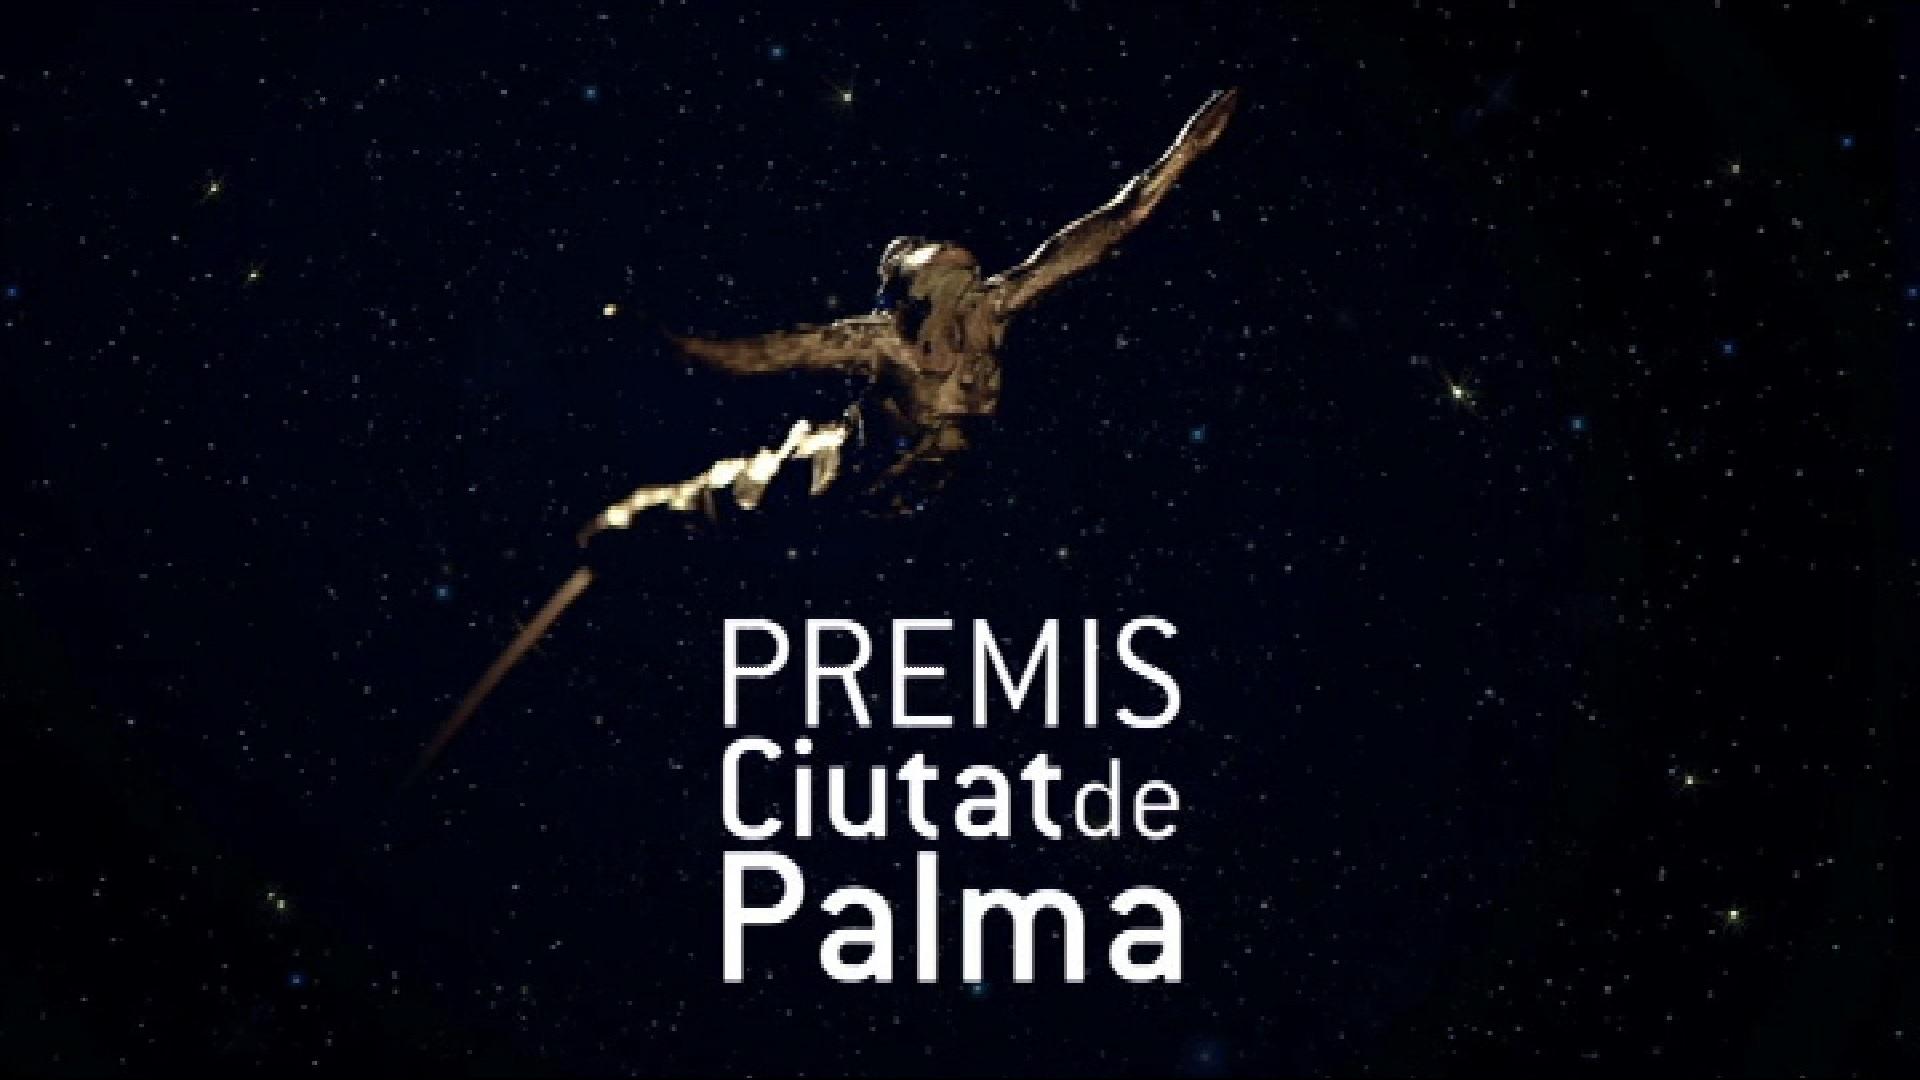 La+dona%2C+la+gran+protagonista+dels+premis+Ciutats+de+Palma